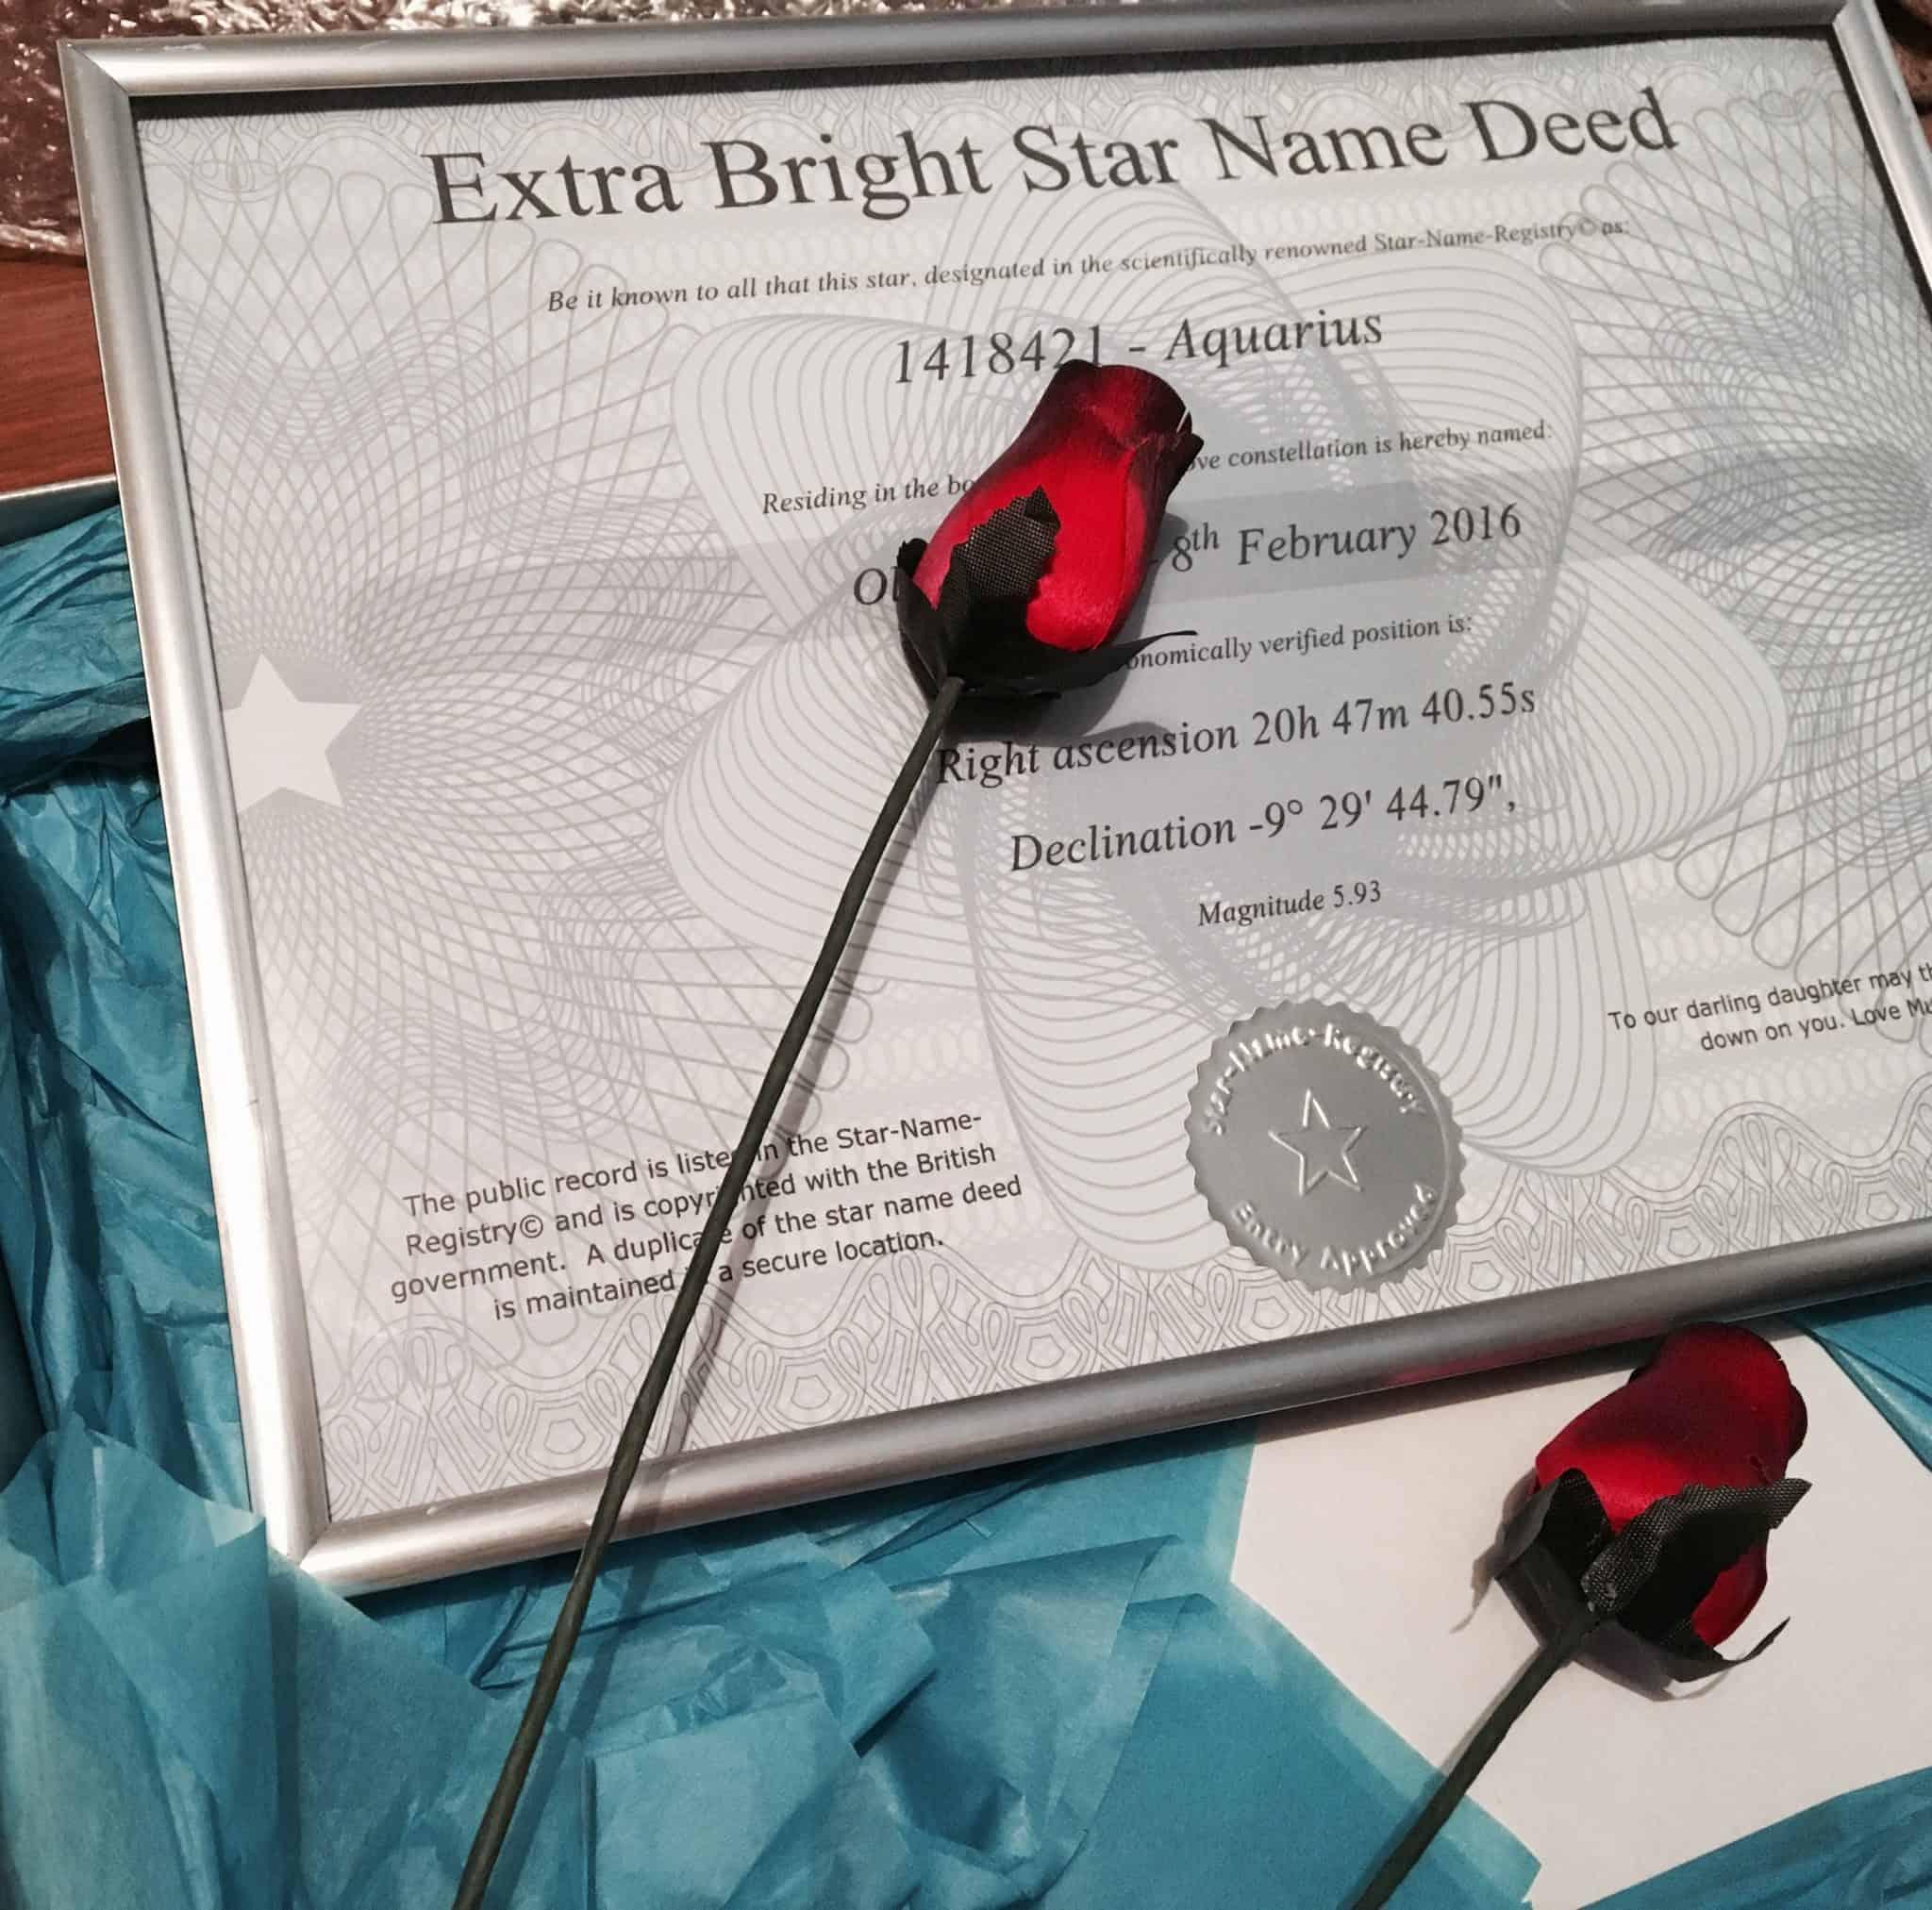 Star Name Registry Deed